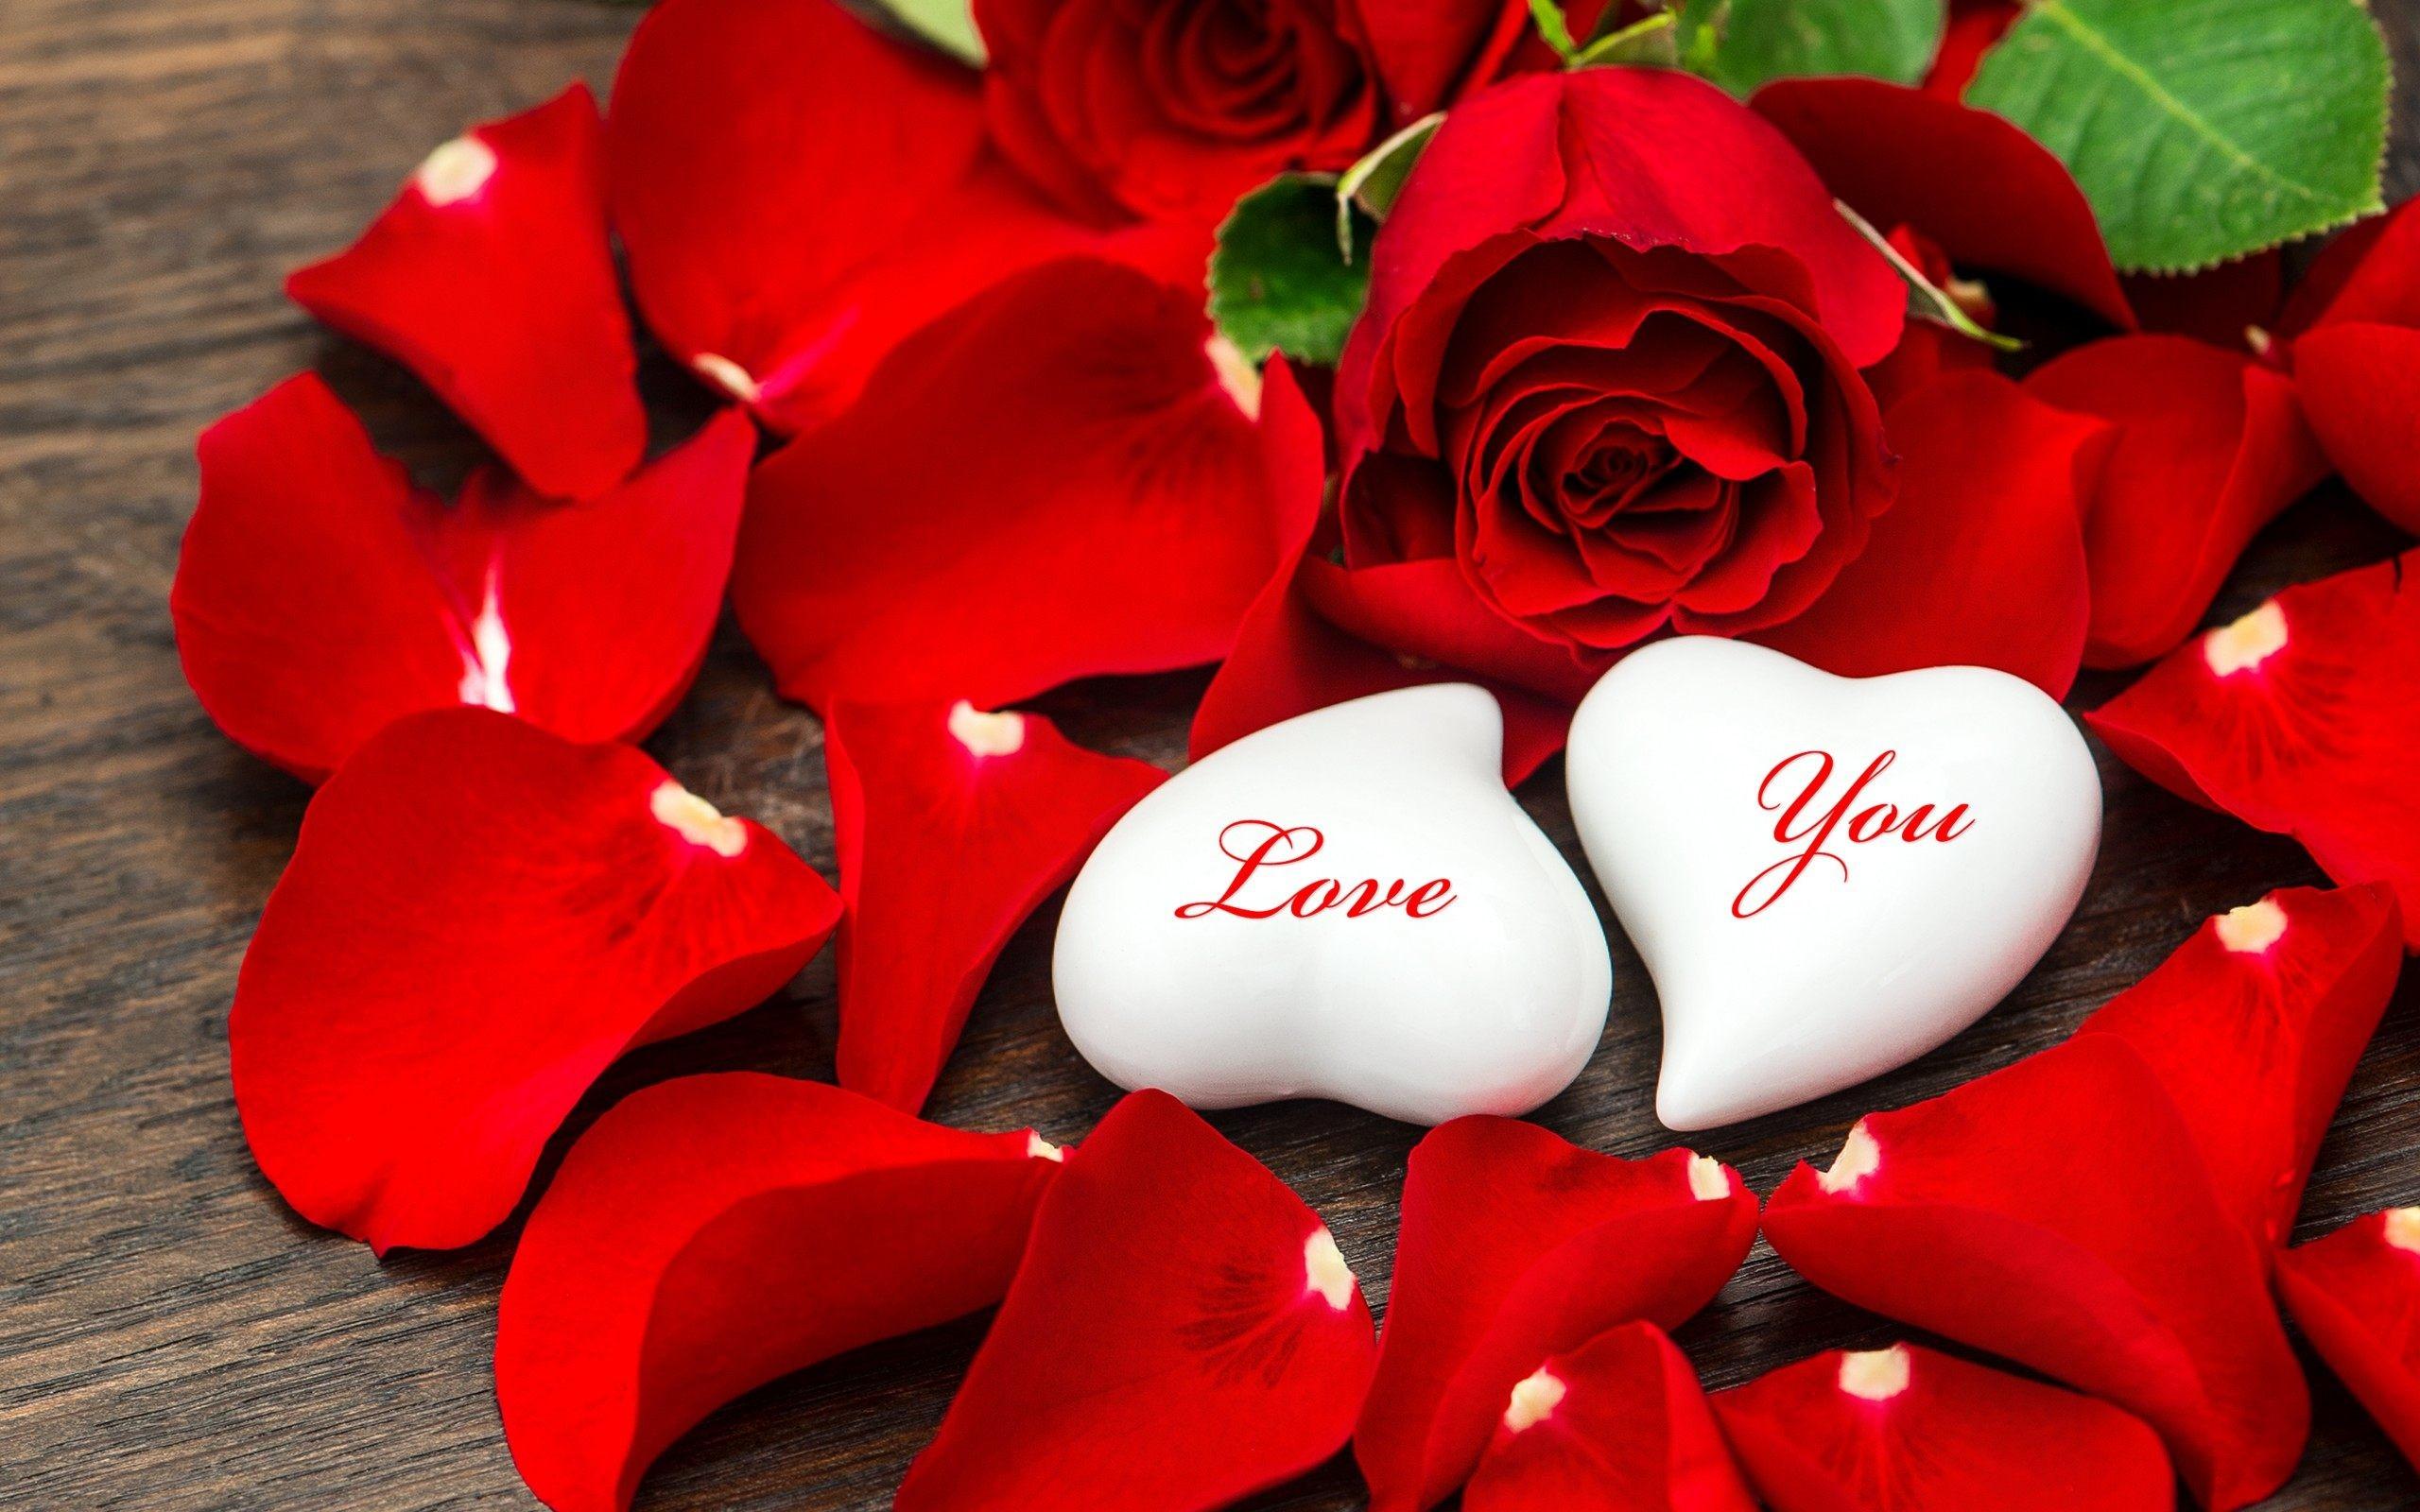 2560x1600 Heart Flowers Hd Download 1920x1080